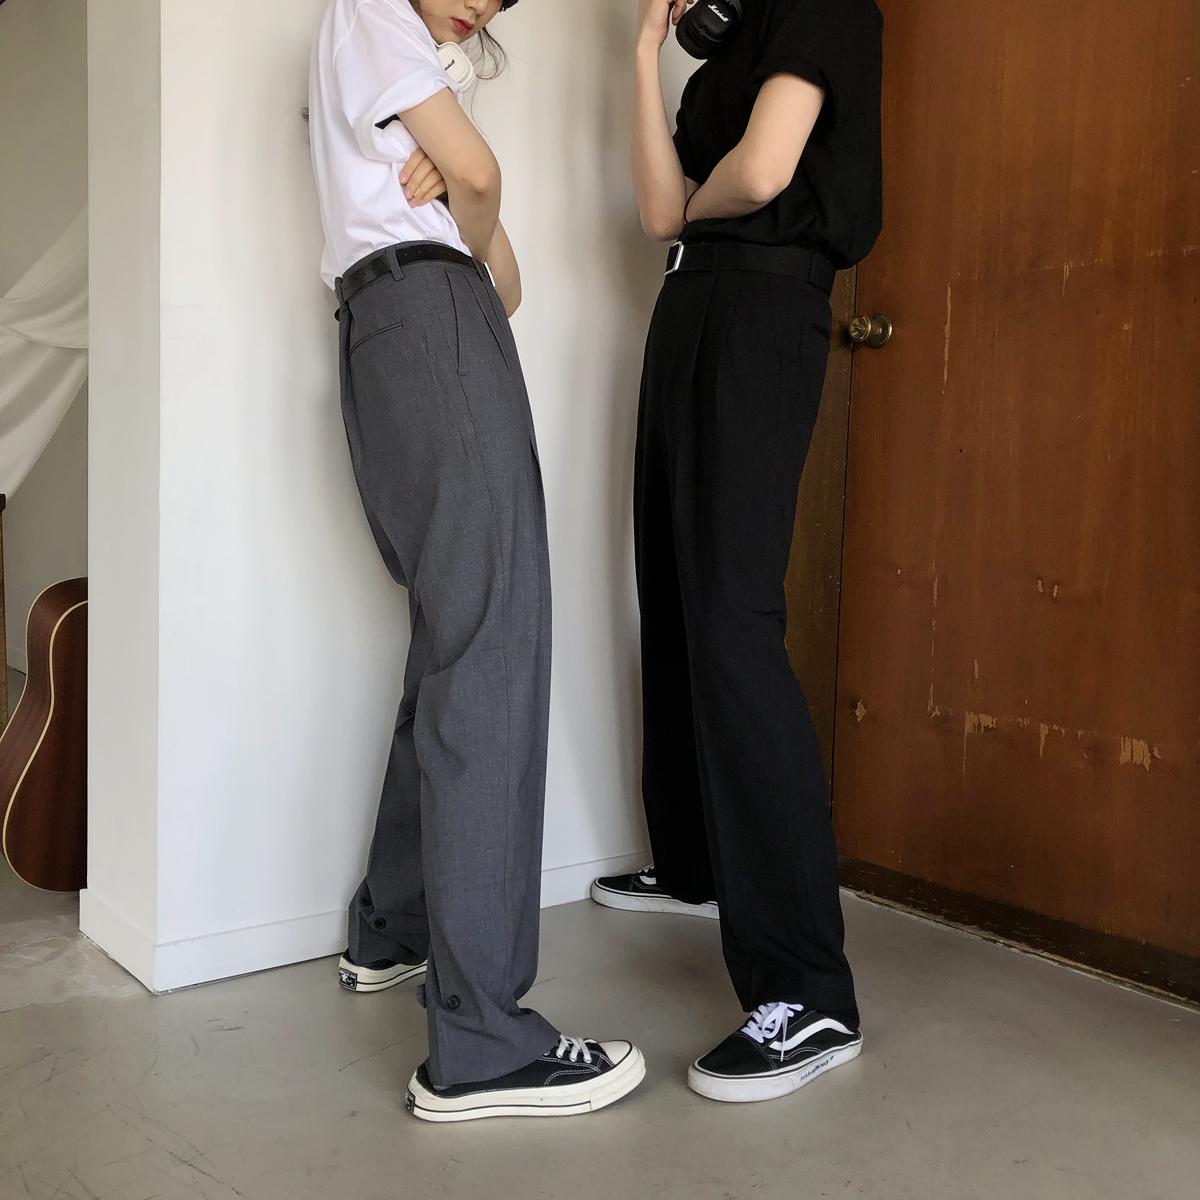 MPstudios 夏季休闲裤男韩版潮流纯色百搭阔腿裤直筒宽松裤子  19